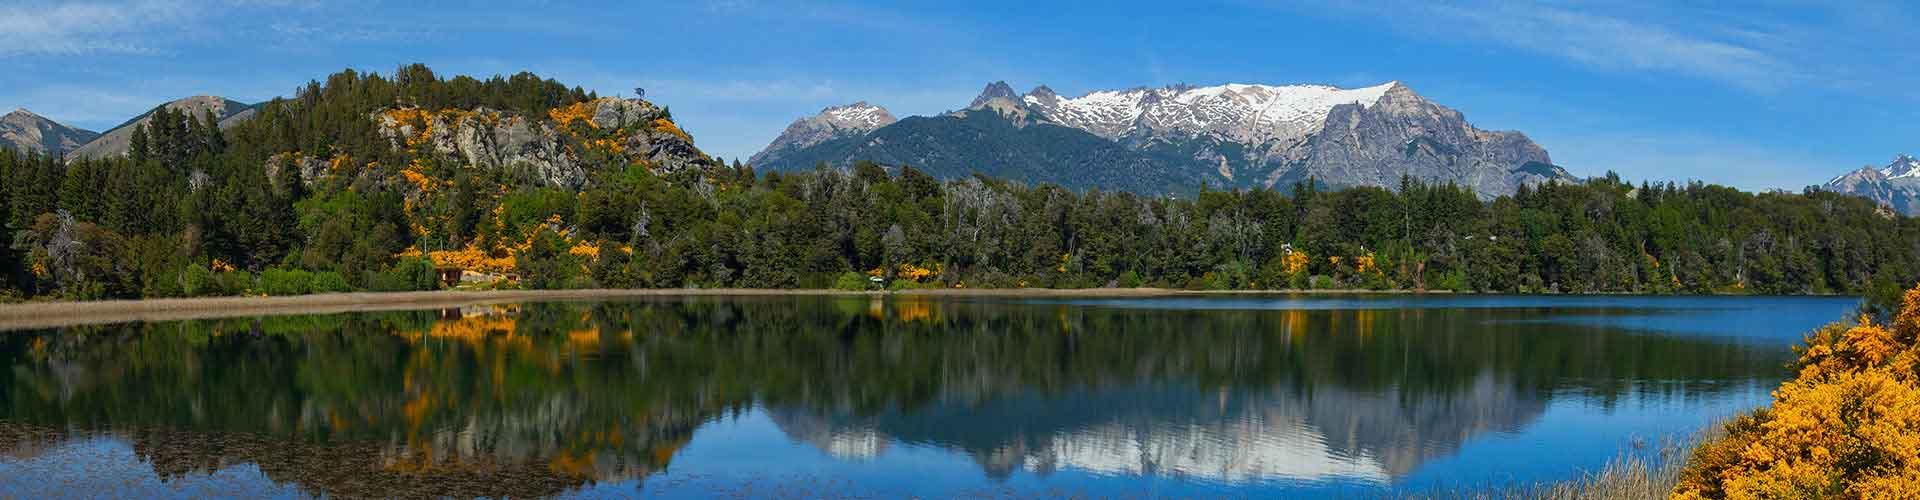 Bariloche - Jugendherbergen in Bariloche. Bariloche auf der Karte. Fotos und Bewertungen für jede Jugendherberge in Bariloche.